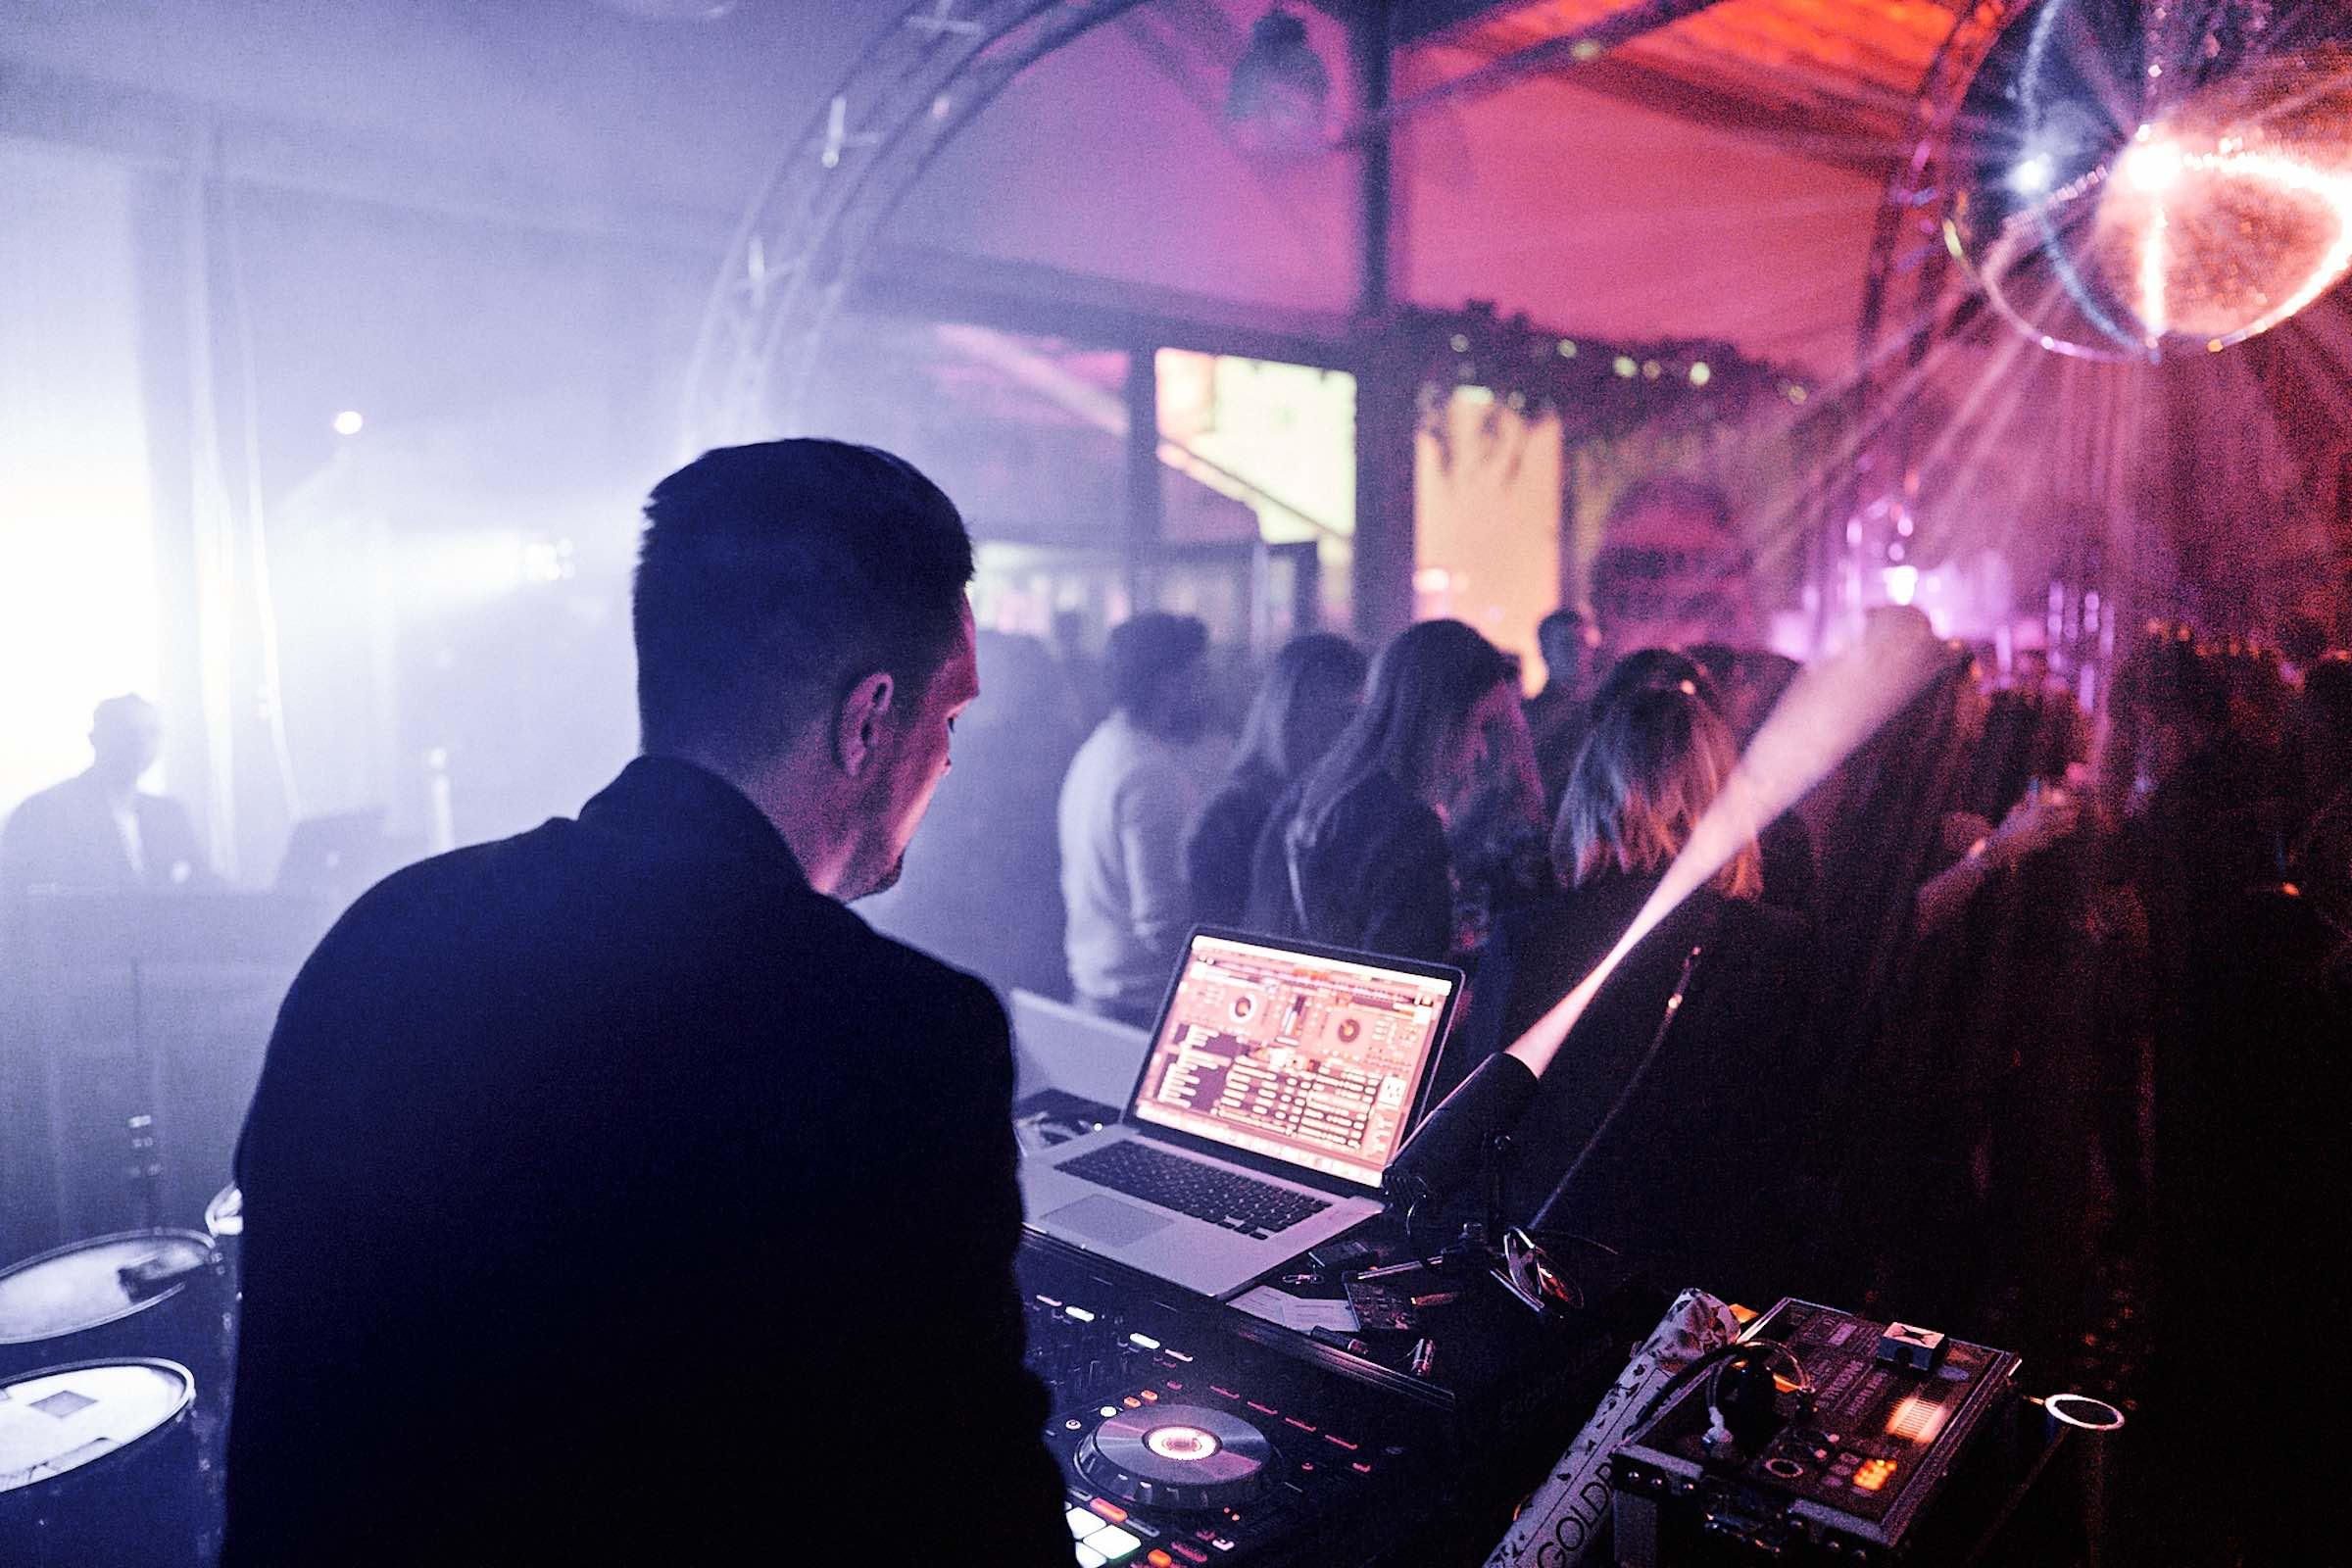 DJ | Hannover | Hochzeit | DJ | Timm | Lehmann | Messe | DJ | Event | DJ | Geburtstag | DJ | Buchen | DJ | Mieten | Anfragen | DJ | Agentur | DJ | Service | Lehmann | Eventservice